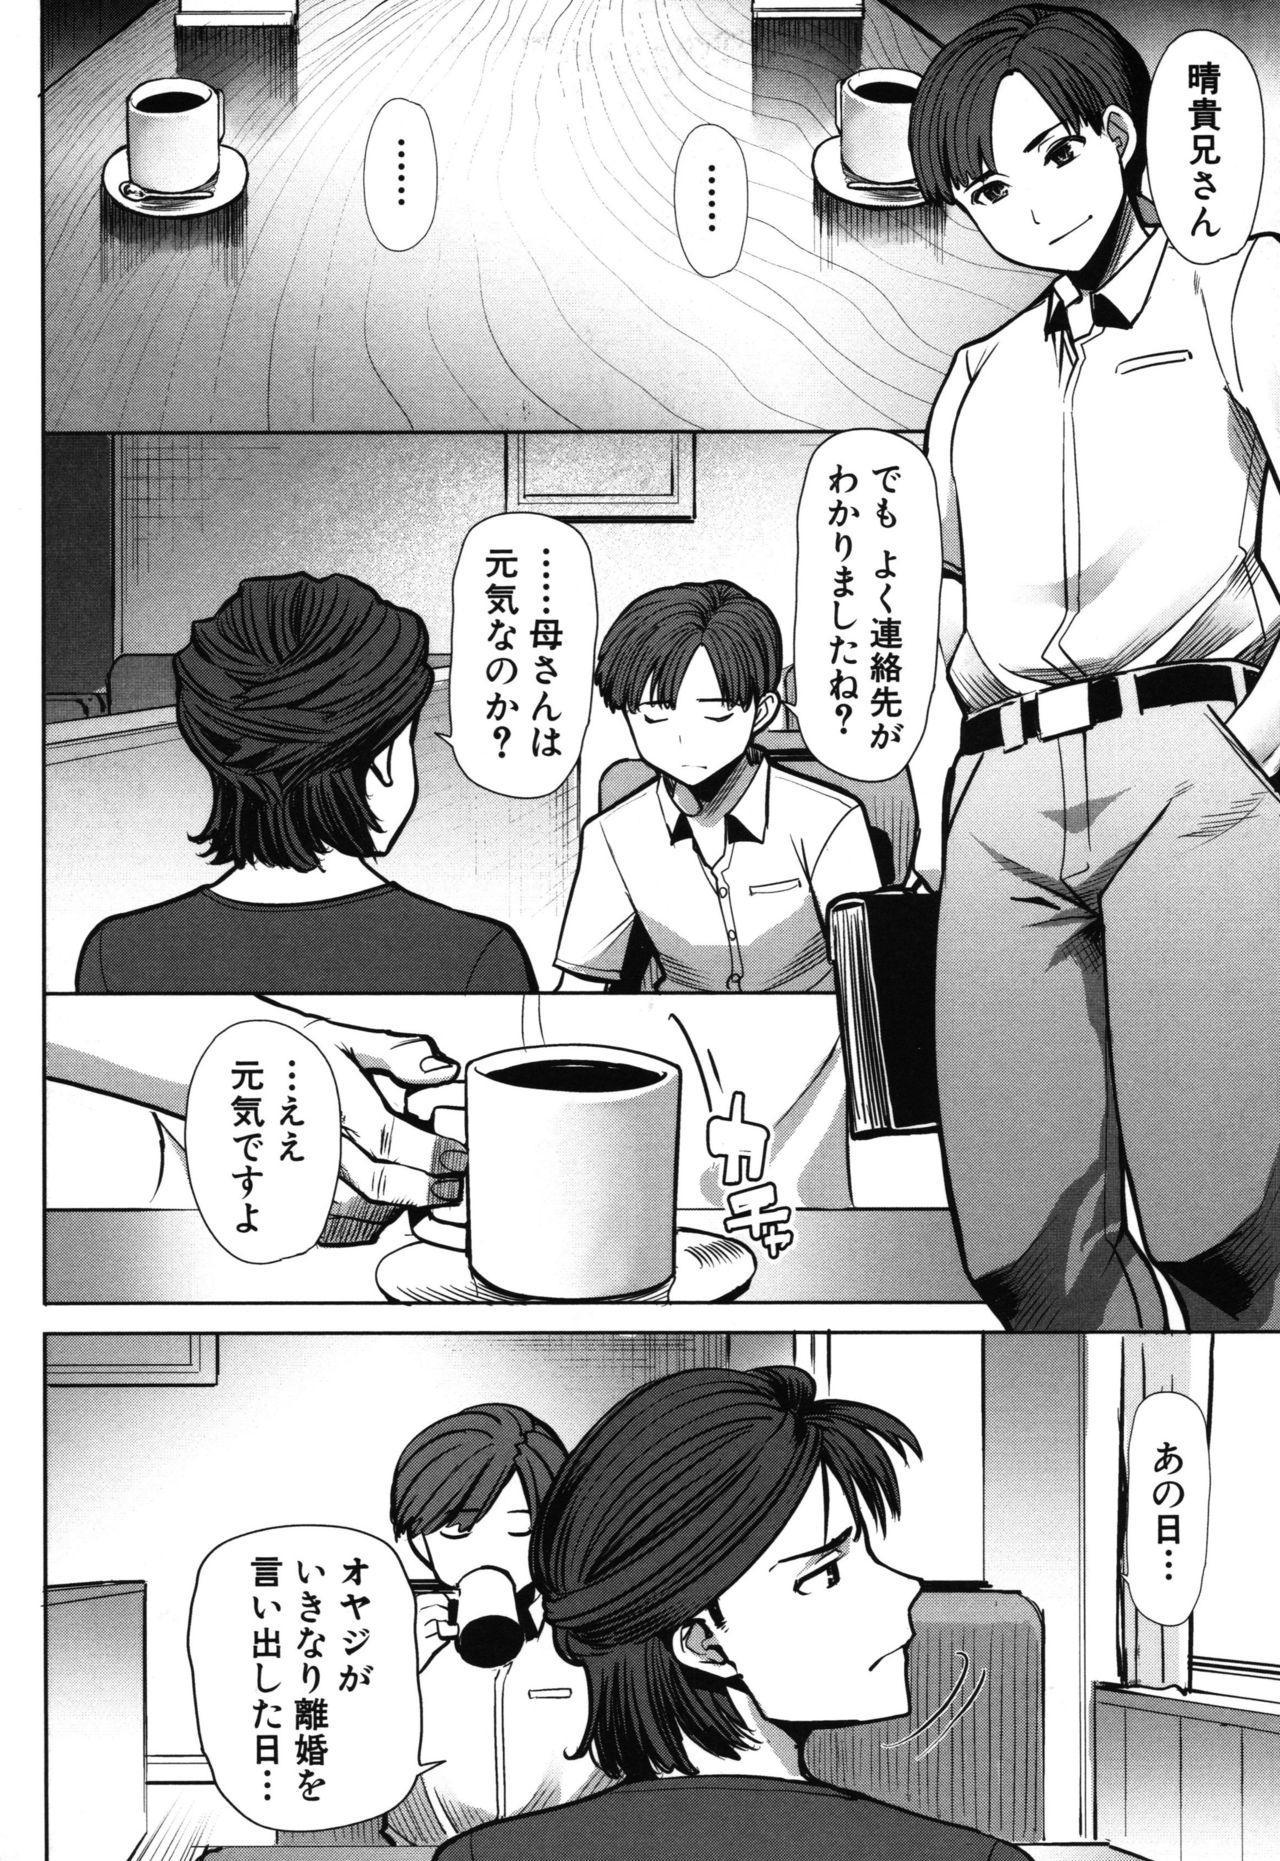 Unsweet - Asahina Ikka Netorareta Haha · Tomoko 149